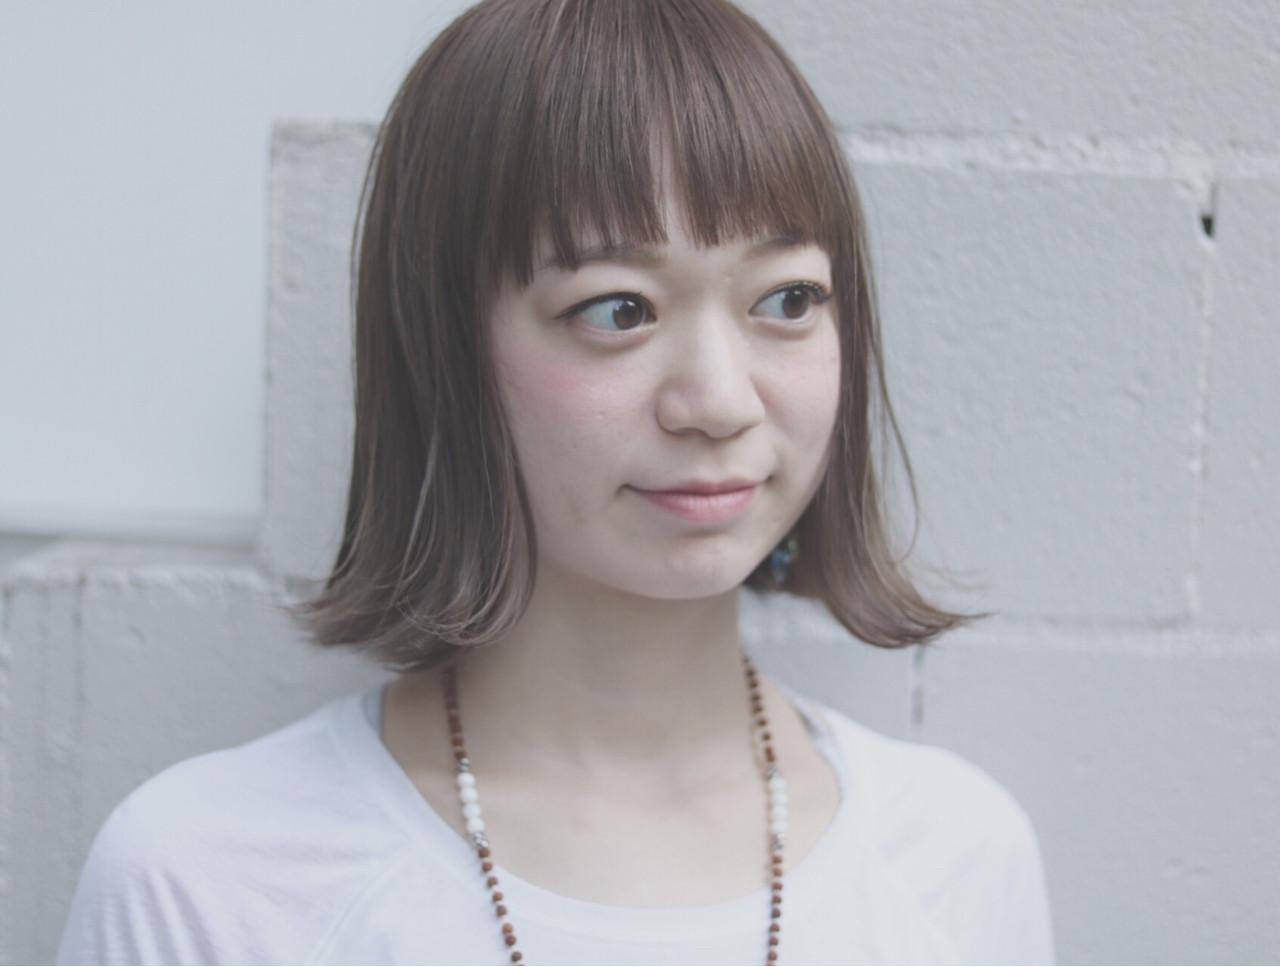 オルチャン ボブ グレージュ ナチュラル ヘアスタイルや髪型の写真・画像 | 首藤慎吾 / free-lance